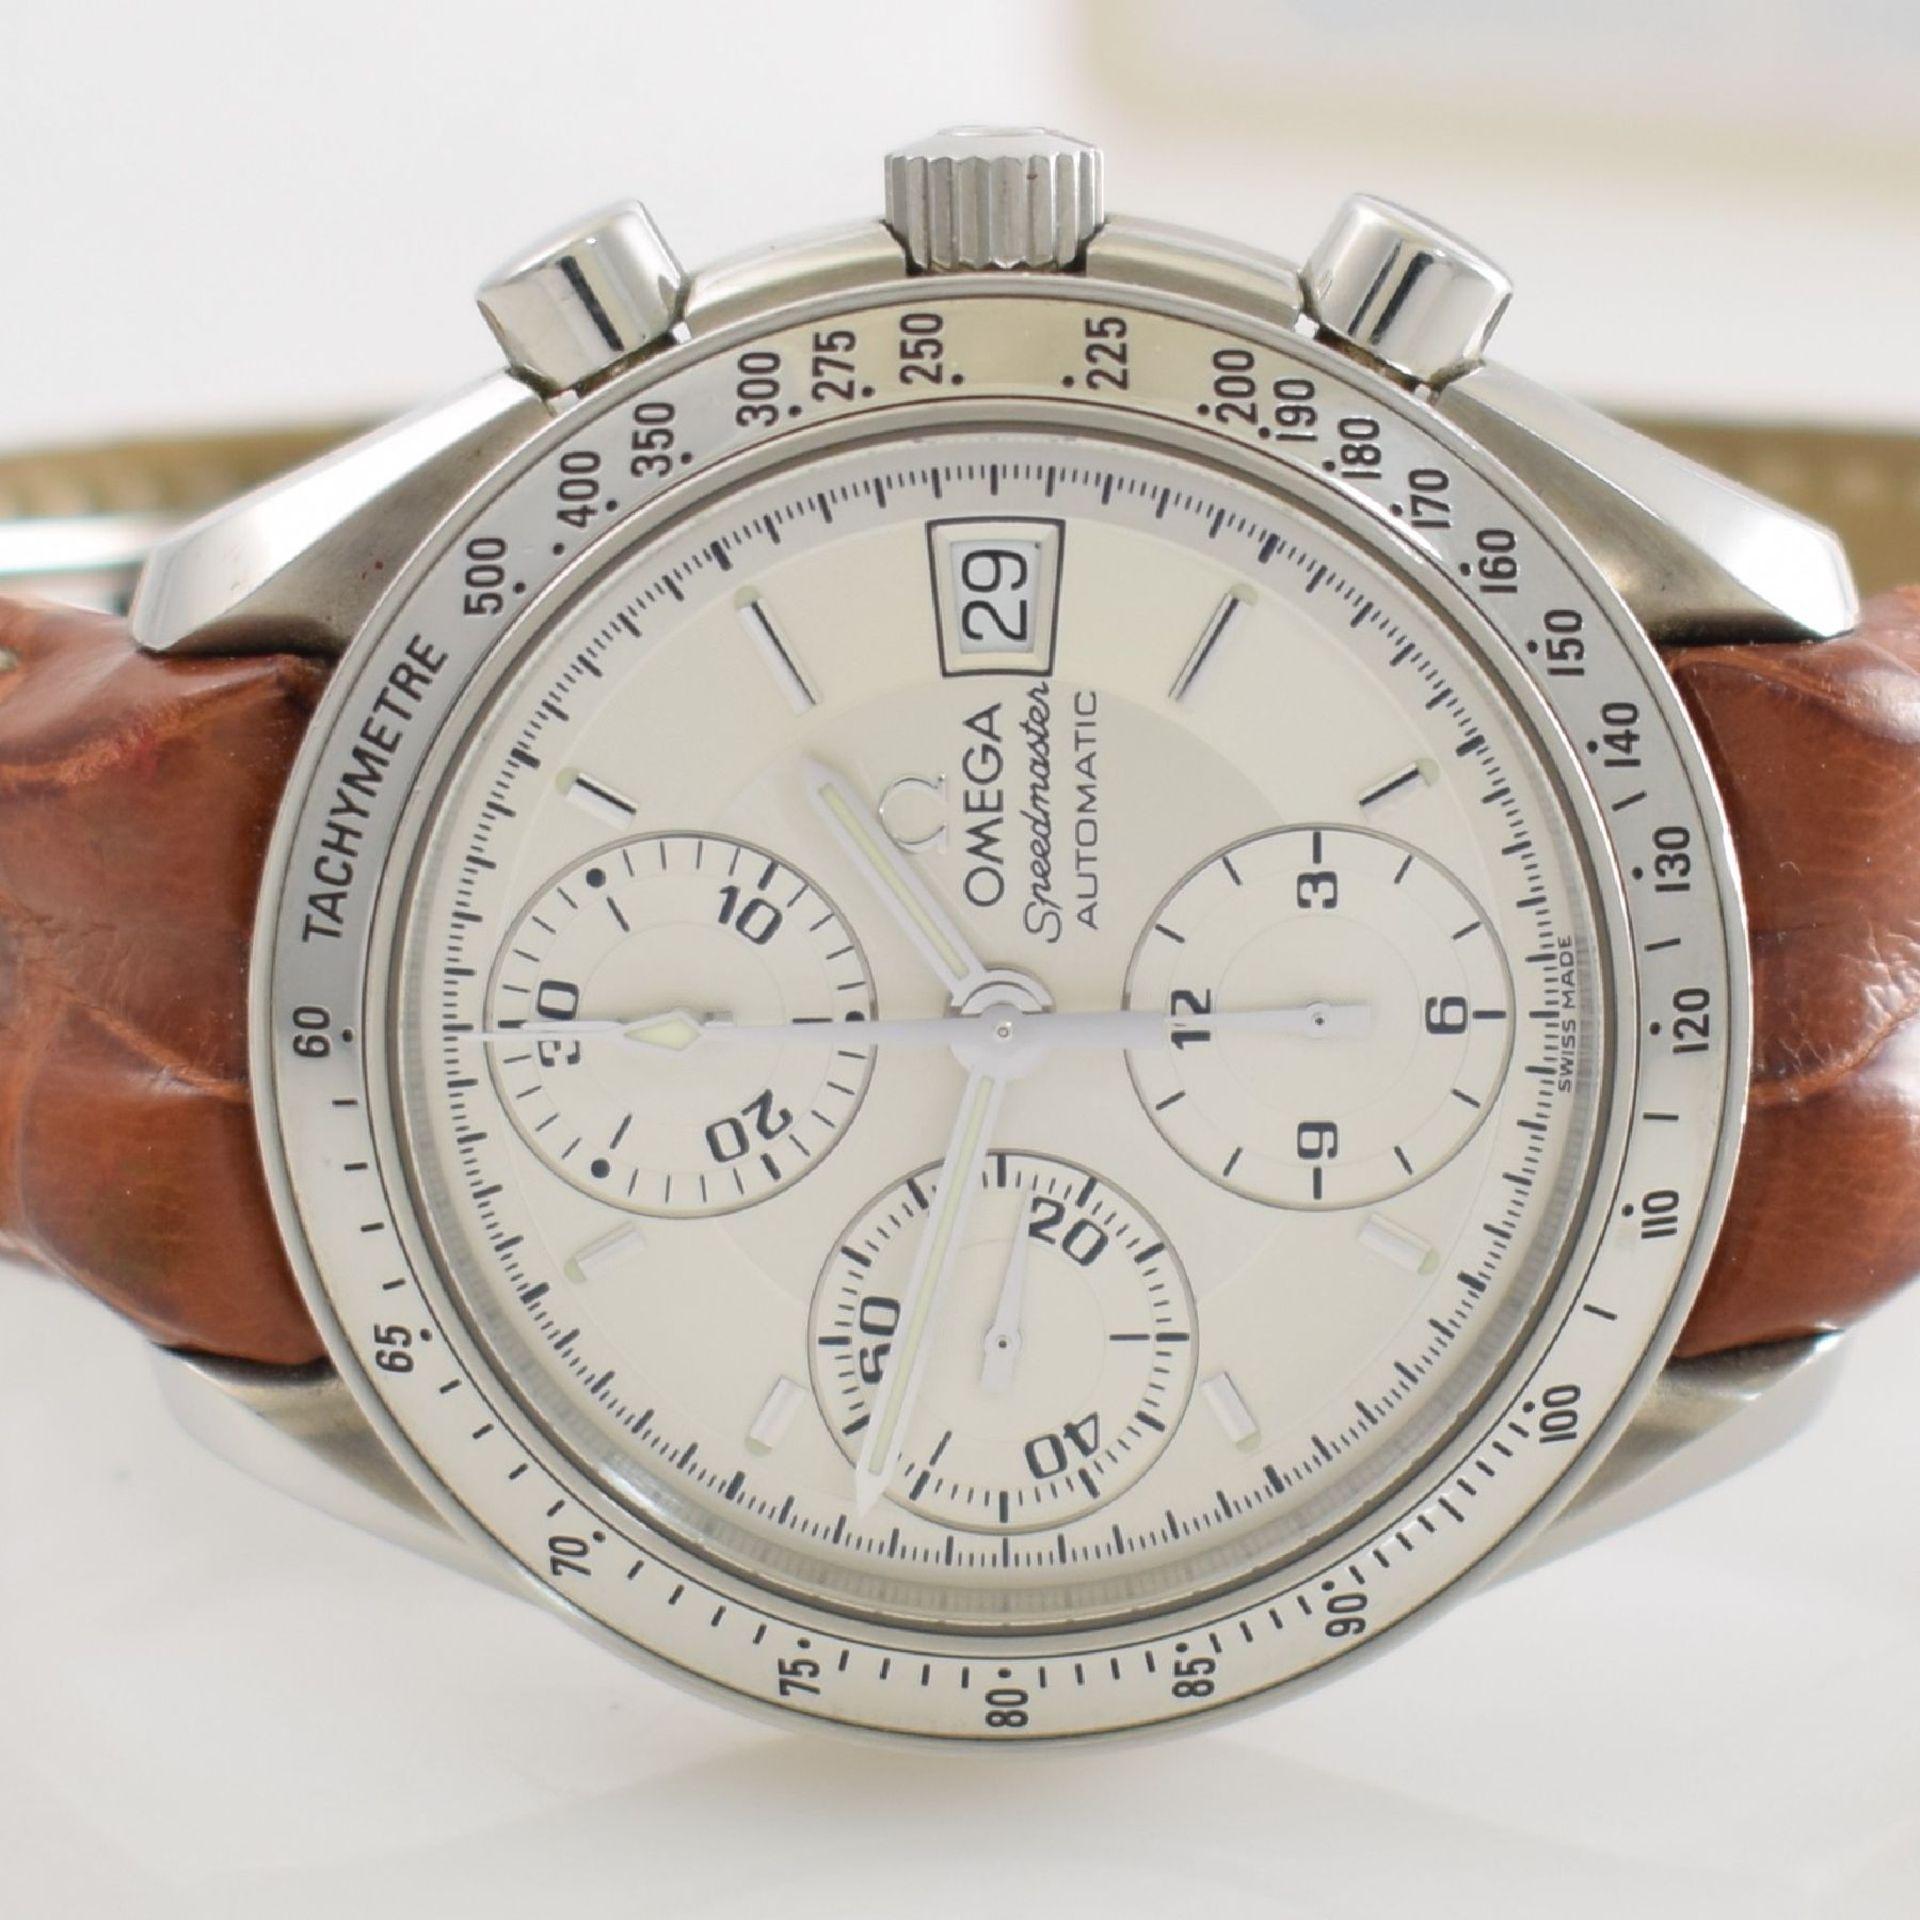 OMEGA Armbandchronograph Serie Speedmaster, Automatik, Schweiz um 1998, Ref. 1750083/3750083, - Bild 3 aus 8